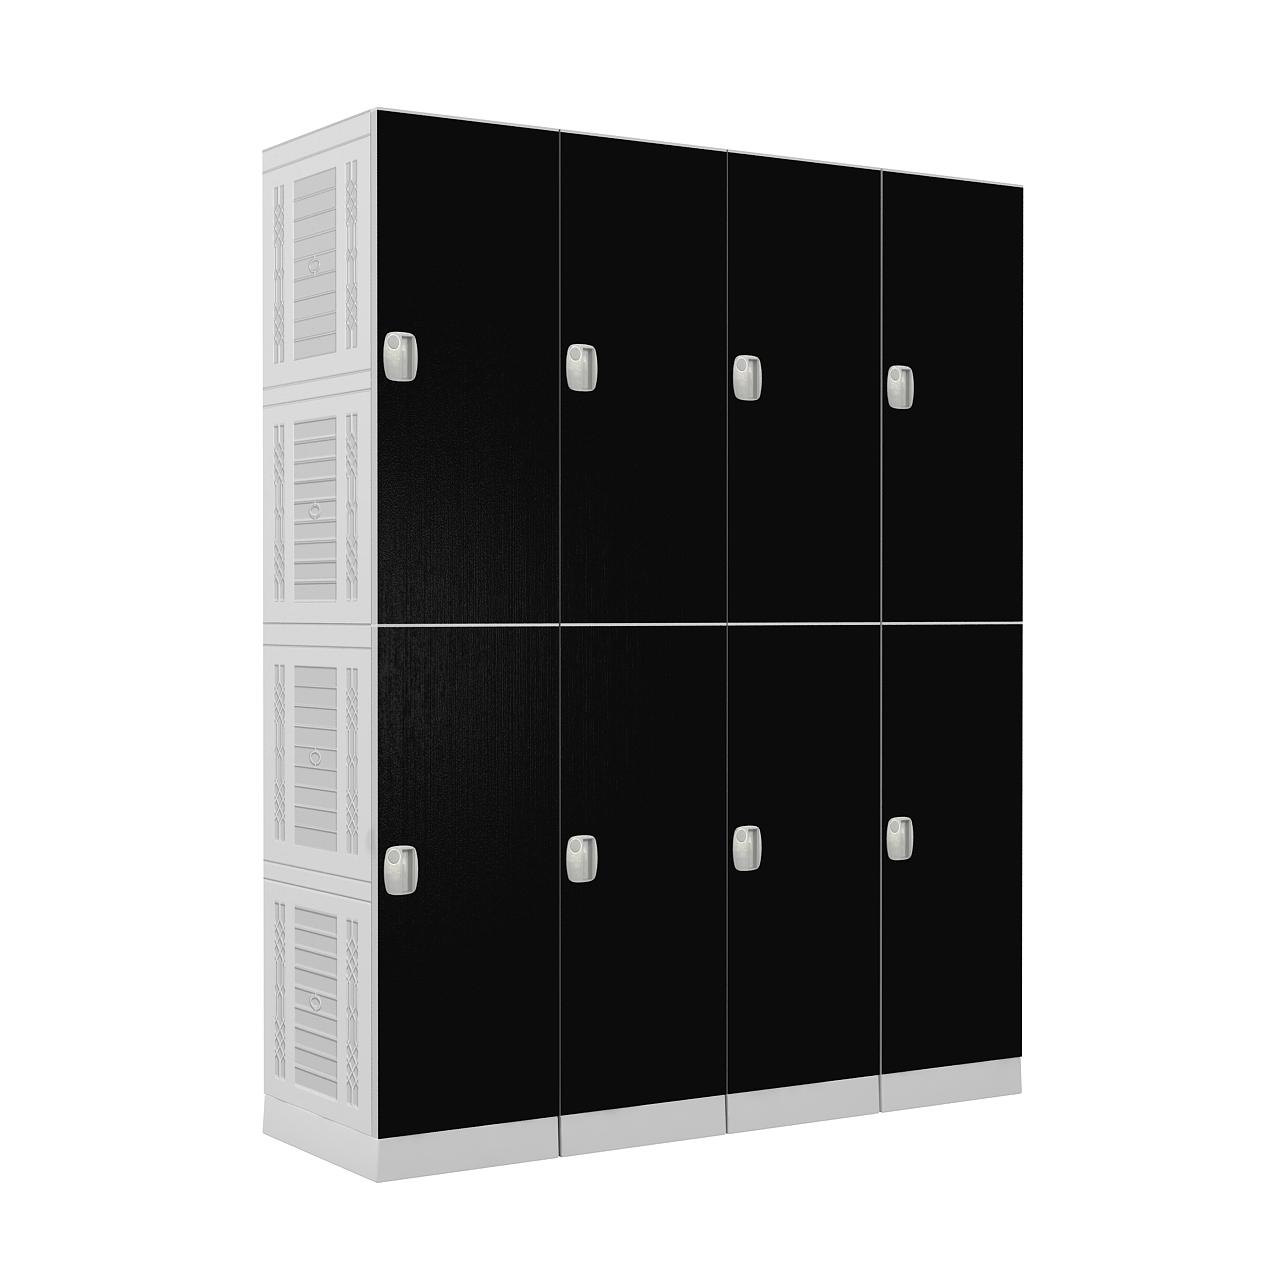 swimming pool locker /  Ski and snowboard locker  /lab locker EL900-05